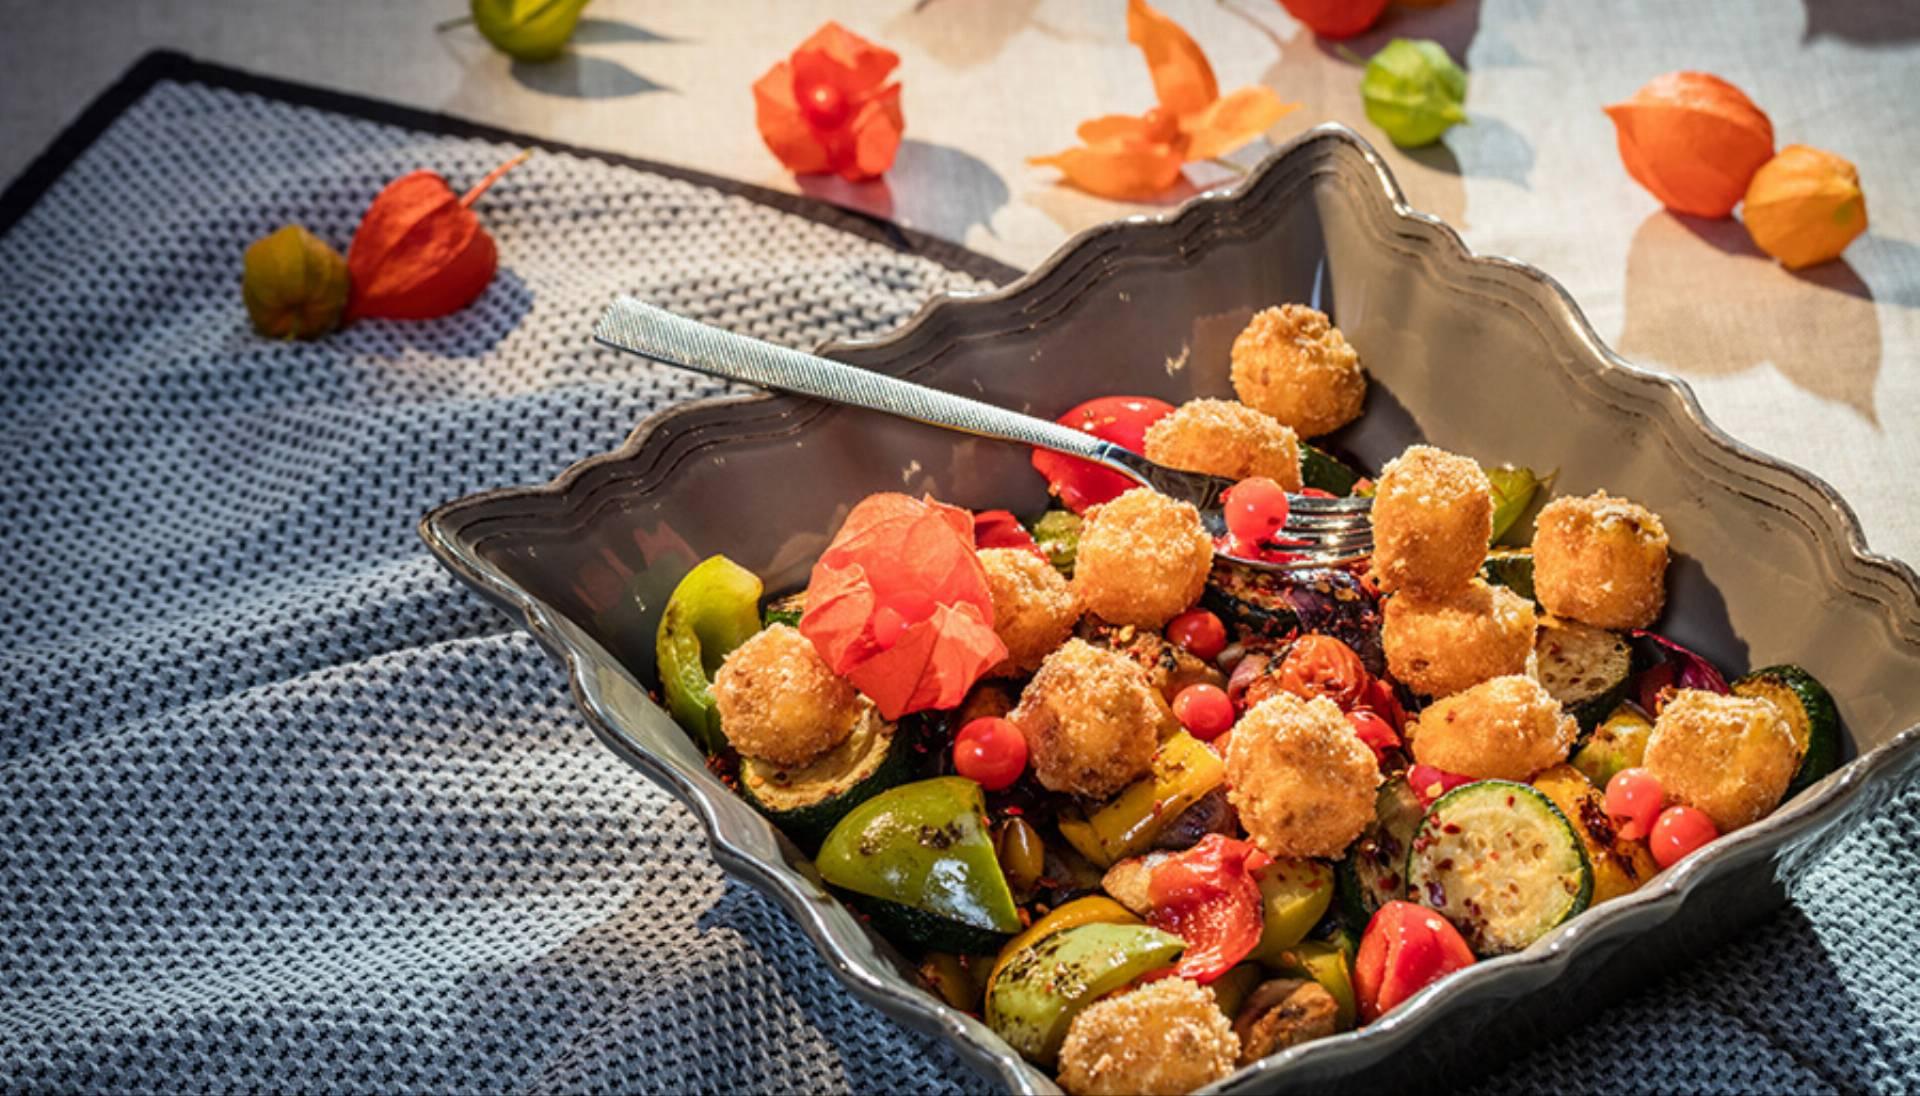 jesienna-salatka-z-grillowanymi-warzywami-i-kostkami-sera-fot-msm-monki-3